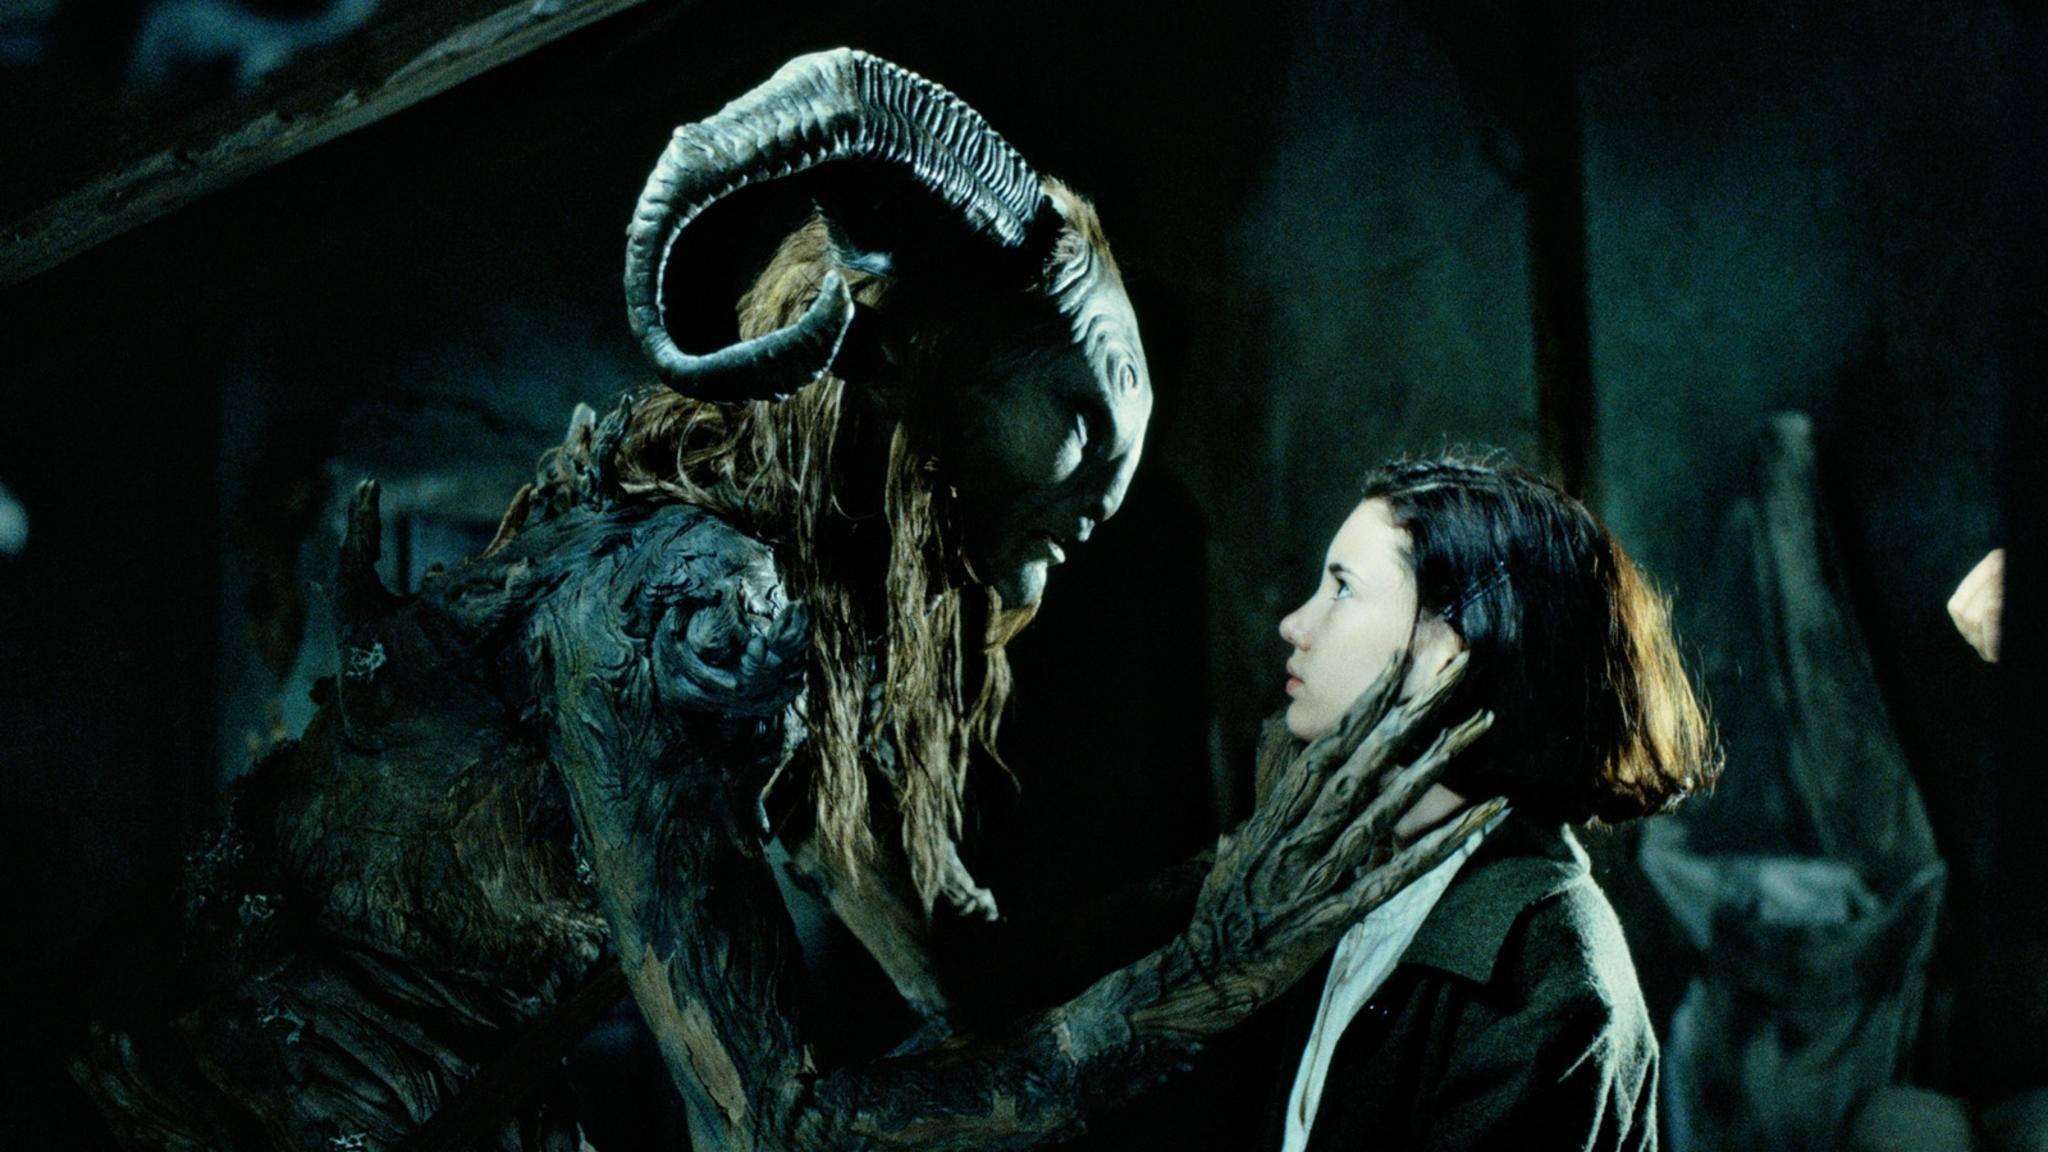 """Zeitlos gut: Guillermo del Toros Fantasydrama """"Pans Labyrinth"""" aus dem Jahr 2006 gilt schon jetzt als moderner Klassiker."""